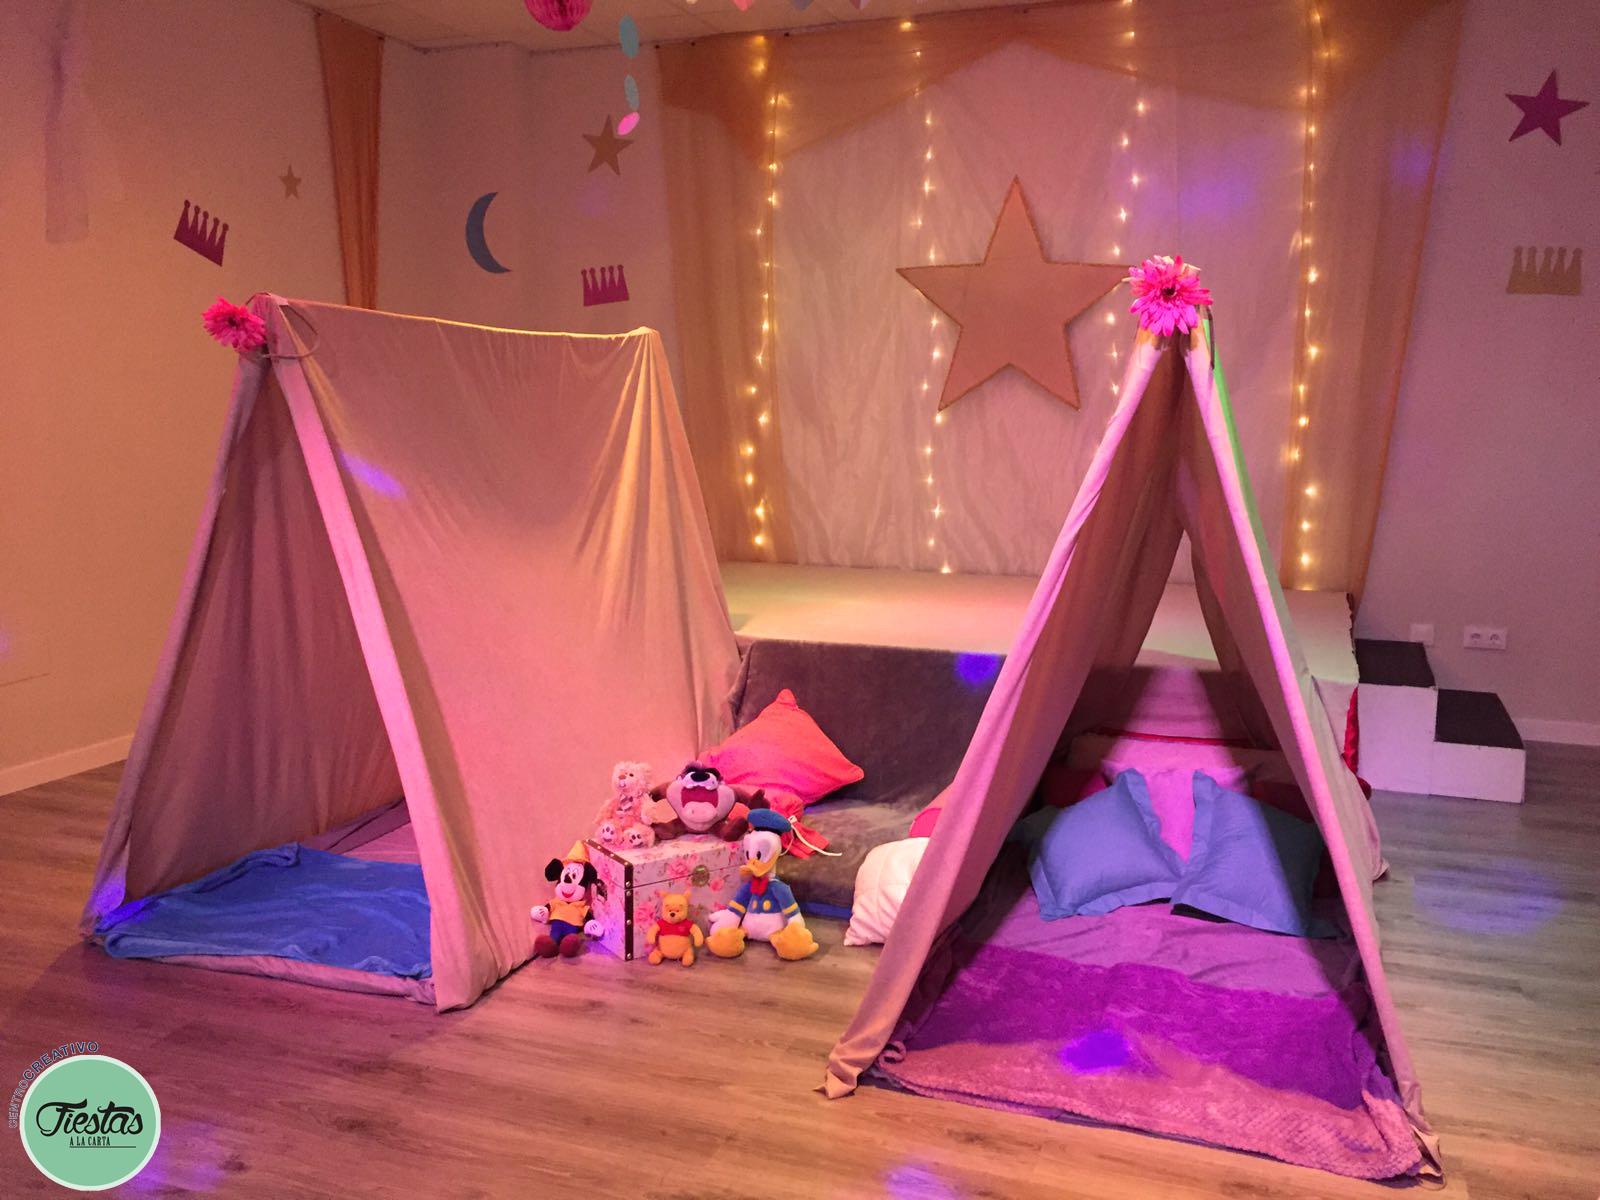 Decoración cumpleaños infantil Fiesta de pijamas